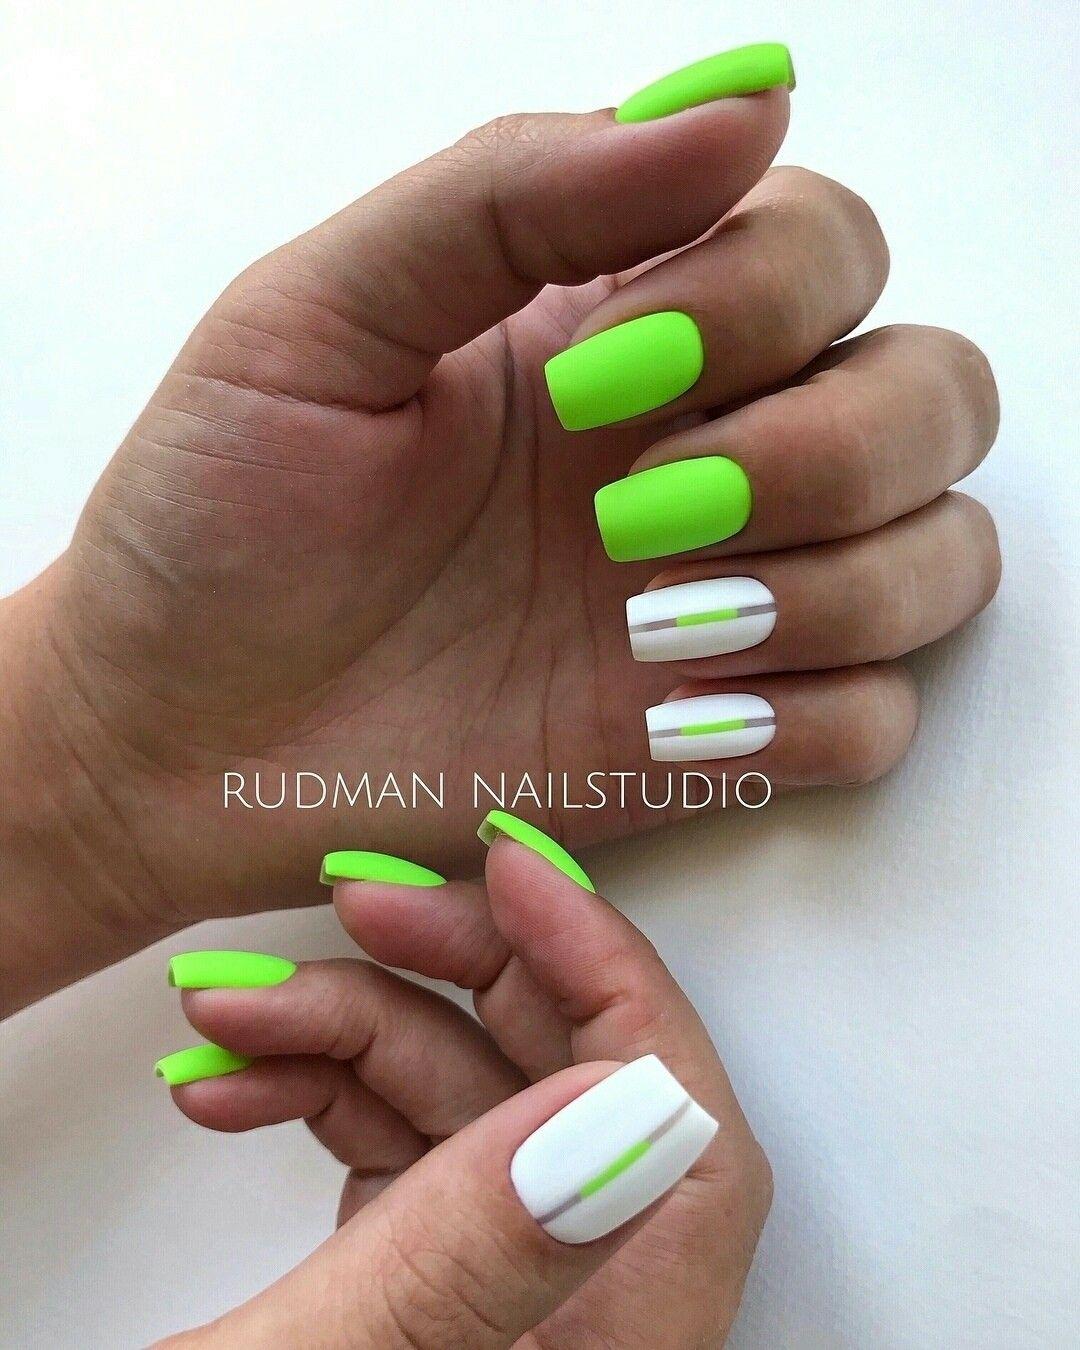 Pin By Amanda Sarisky On Nails Green Nails Neon Nails Manicure